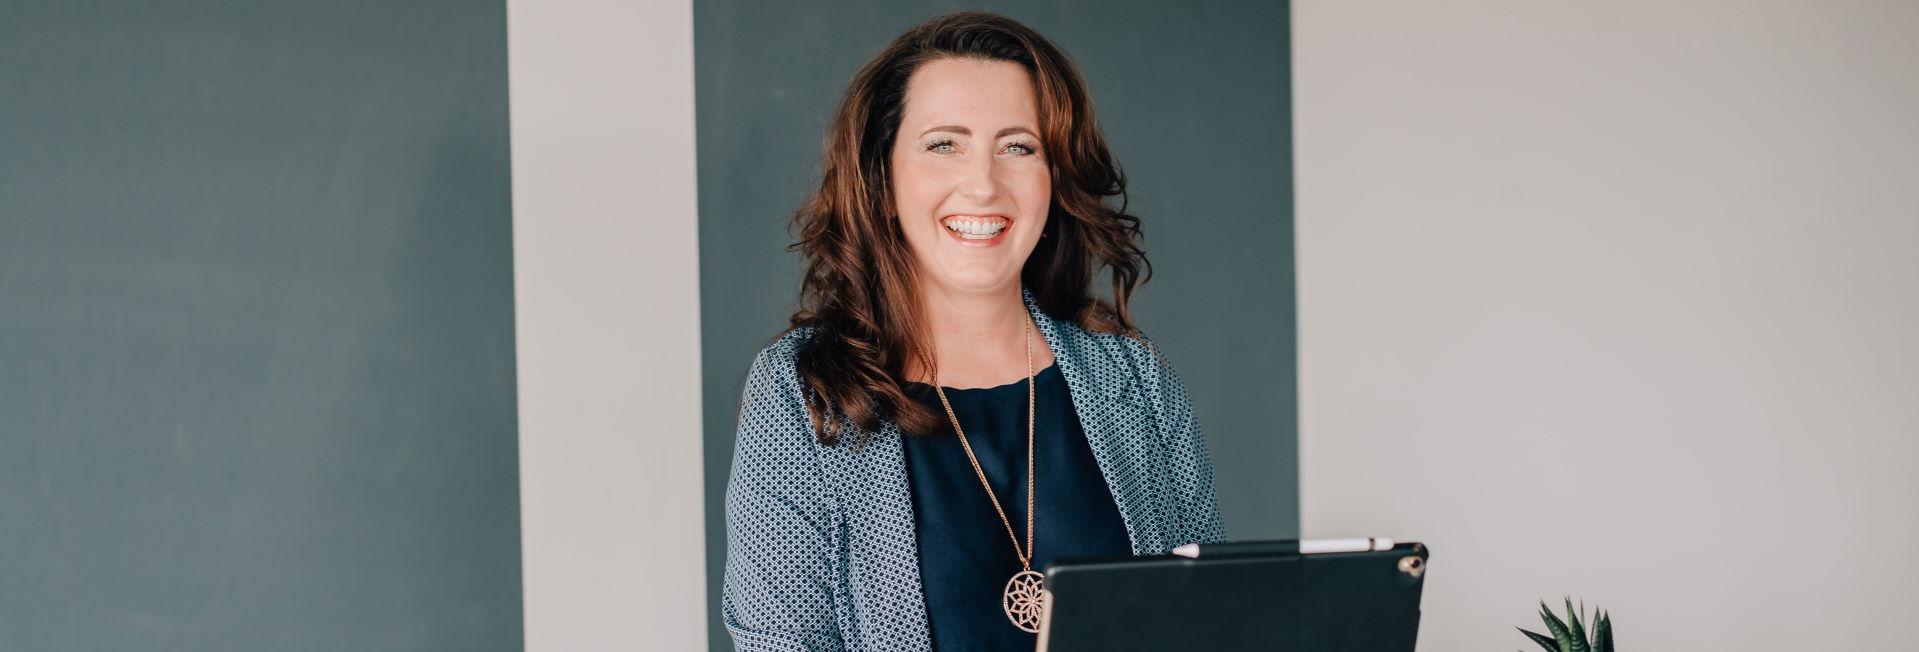 Tiergestütztes Training - Melanie Ebert steht lächelnd am Computer